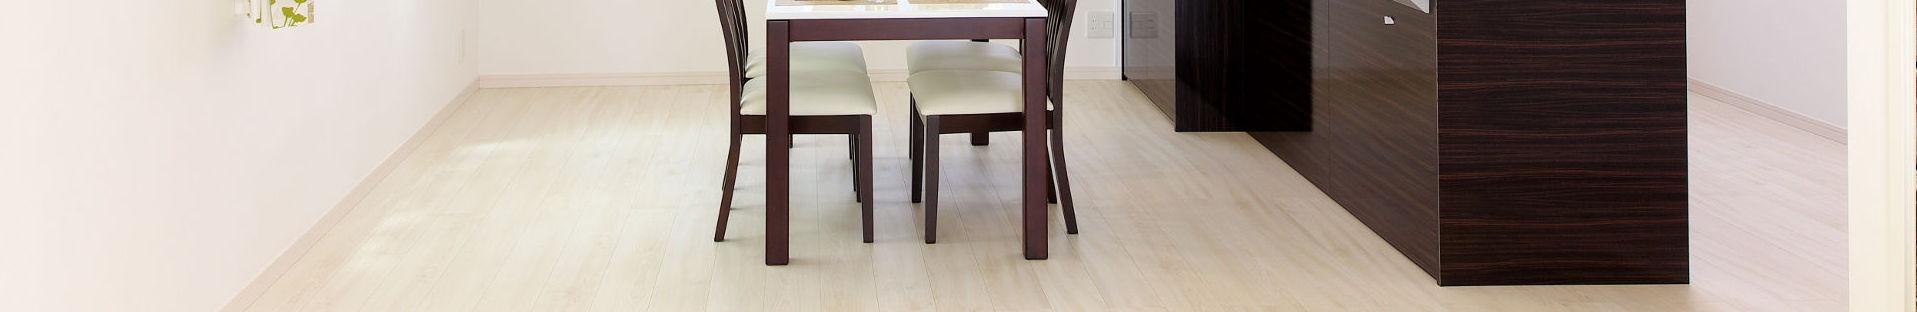 Parkiet i podłoga drewniana w Kuchni - porady